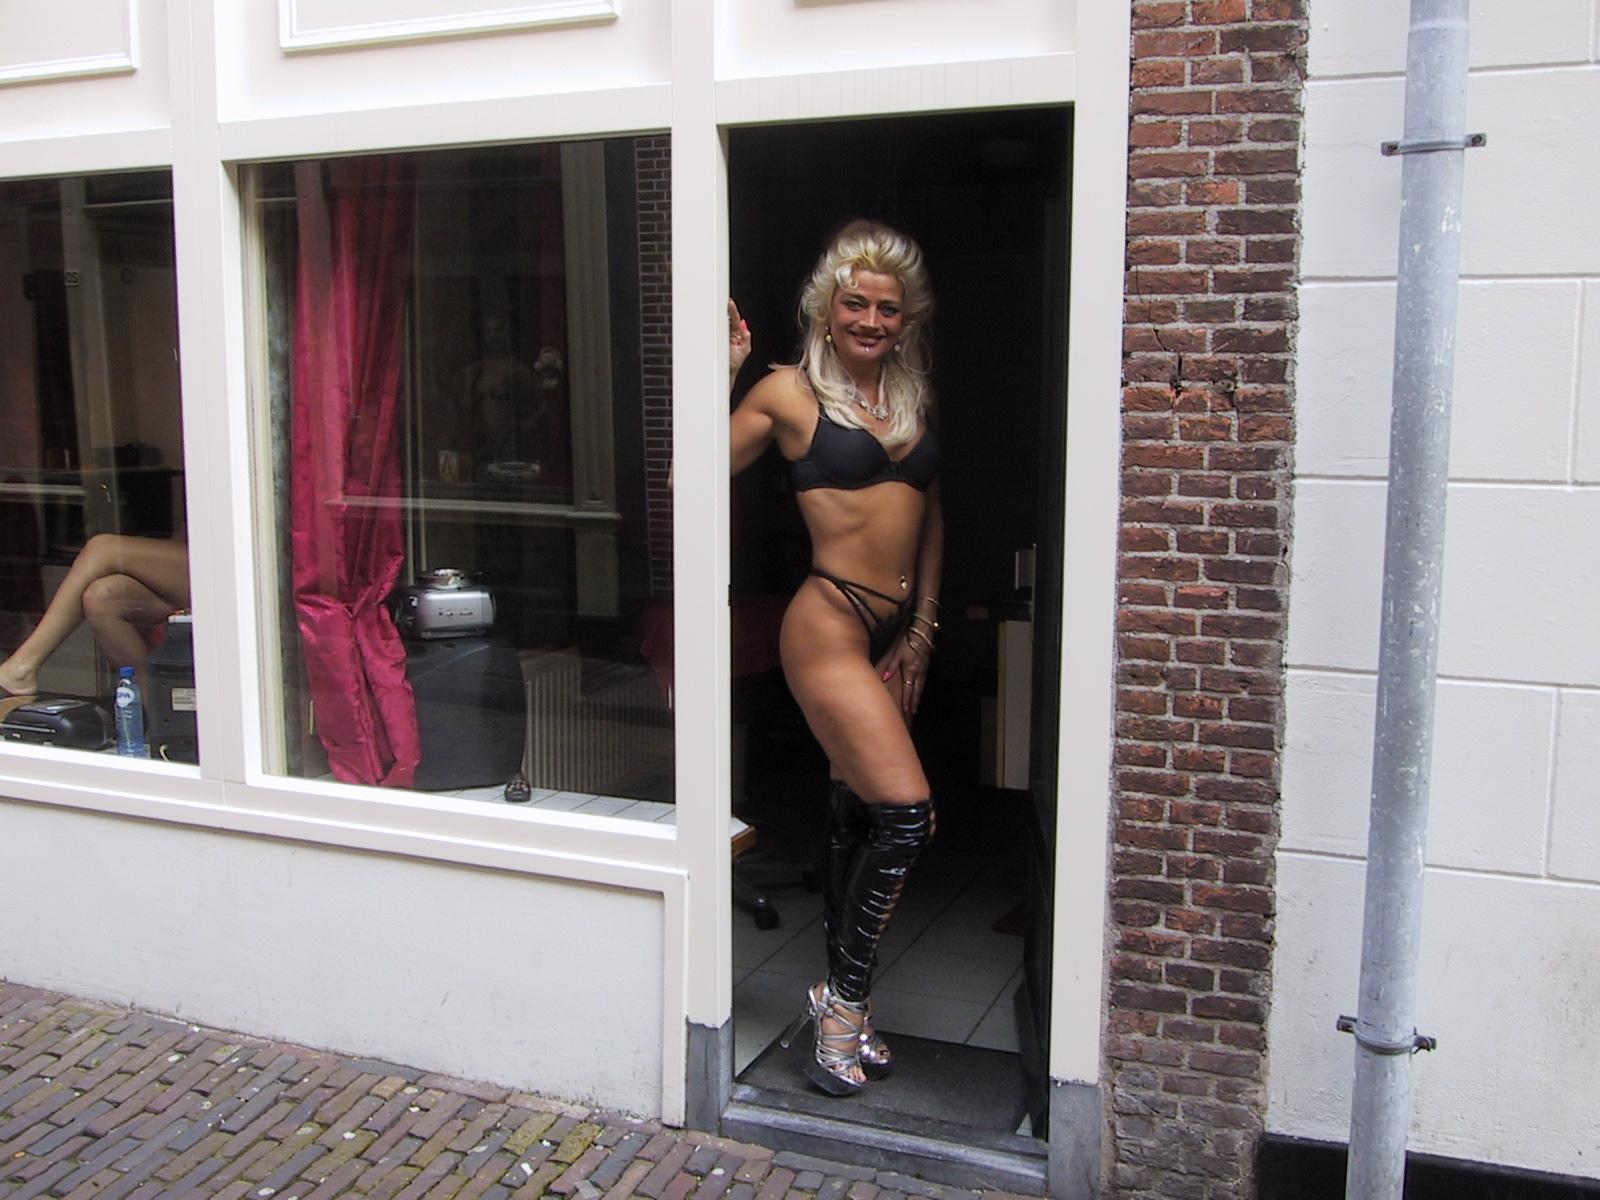 website vrouw pijpbeurt in de buurt Alkmaar